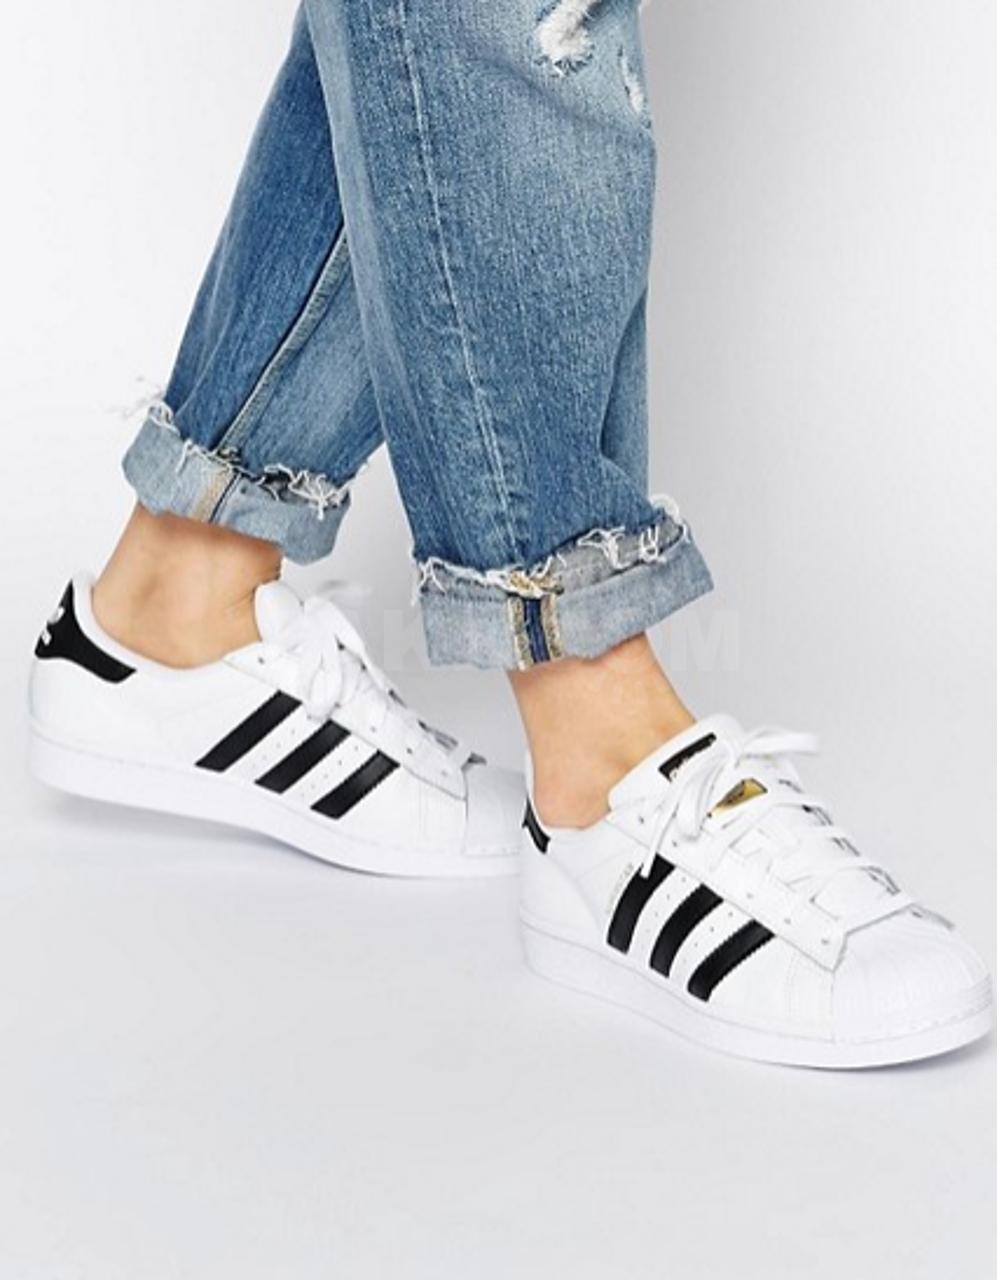 Кроссовки adidas Originals Superstar чёрно-белые Unisex - 4500 руб ... c302070a680